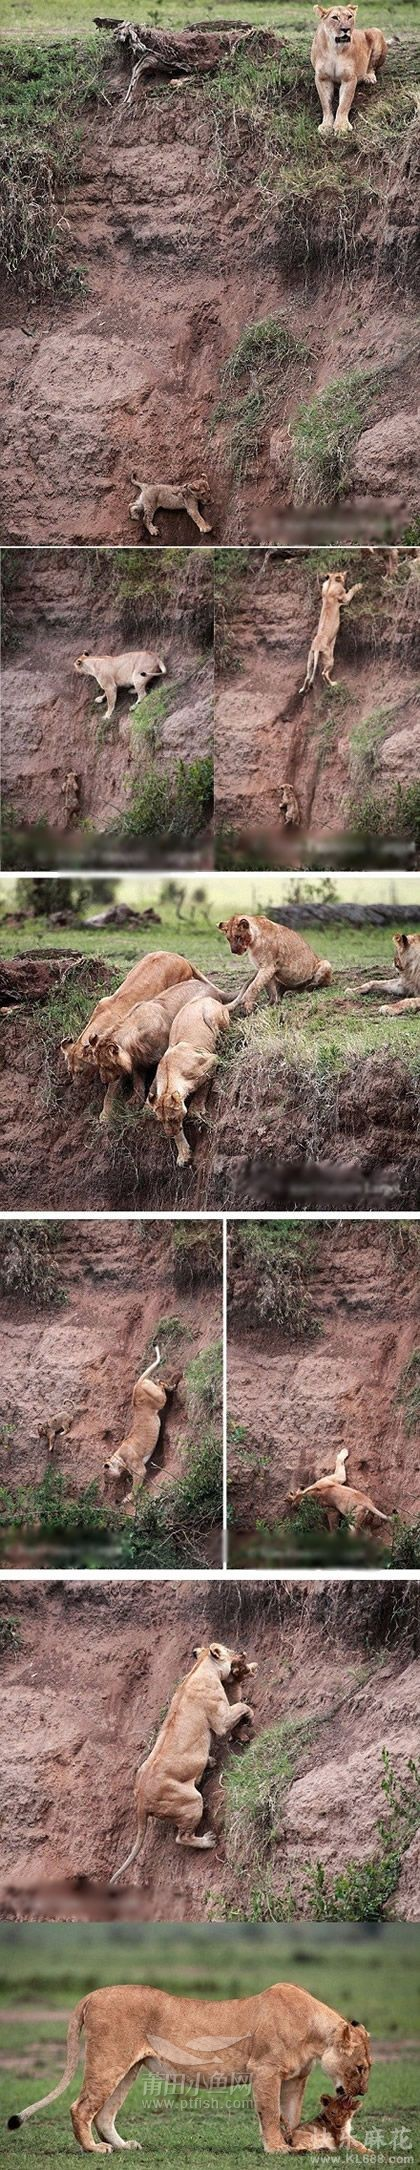 小狮子救援行动